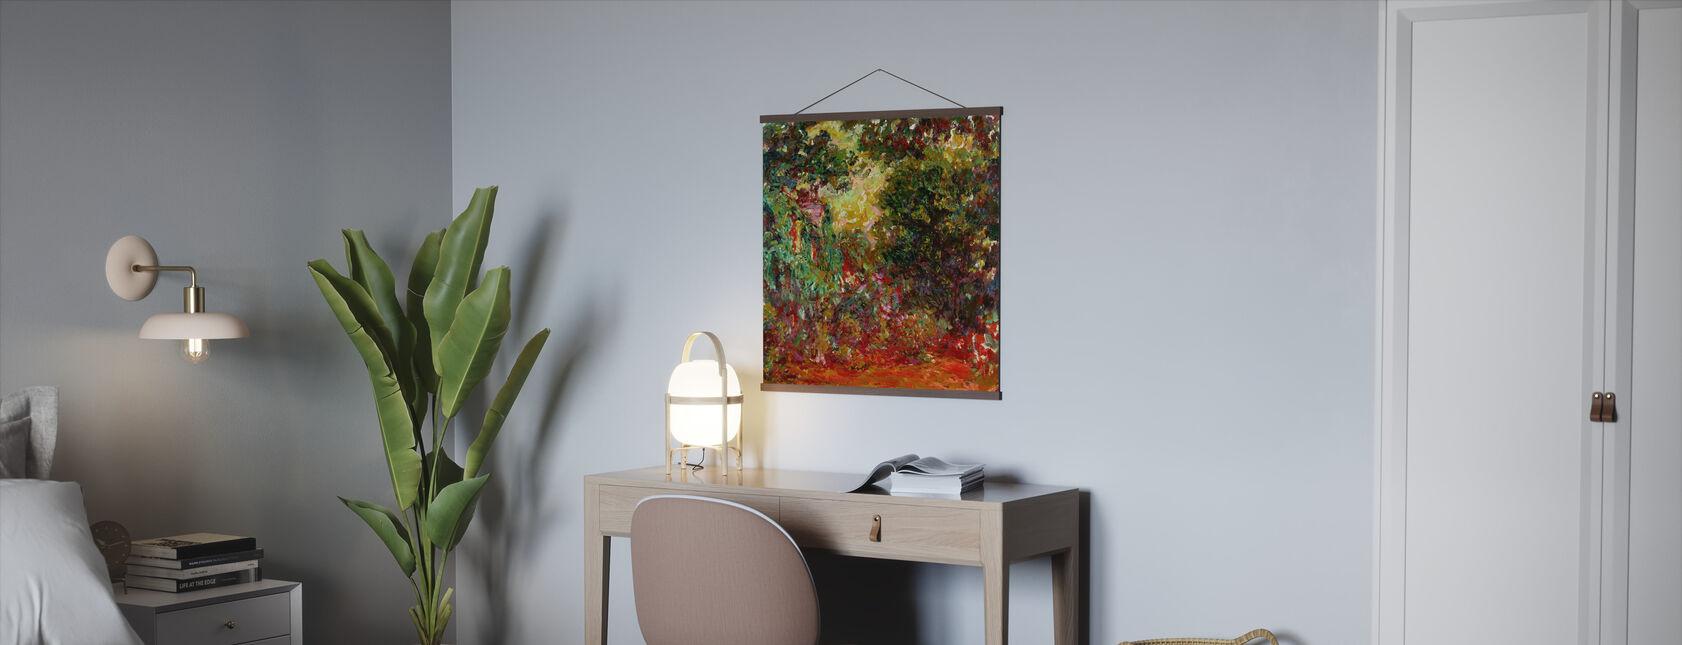 Rozentuin - Claude Monet - Poster - Kantoor